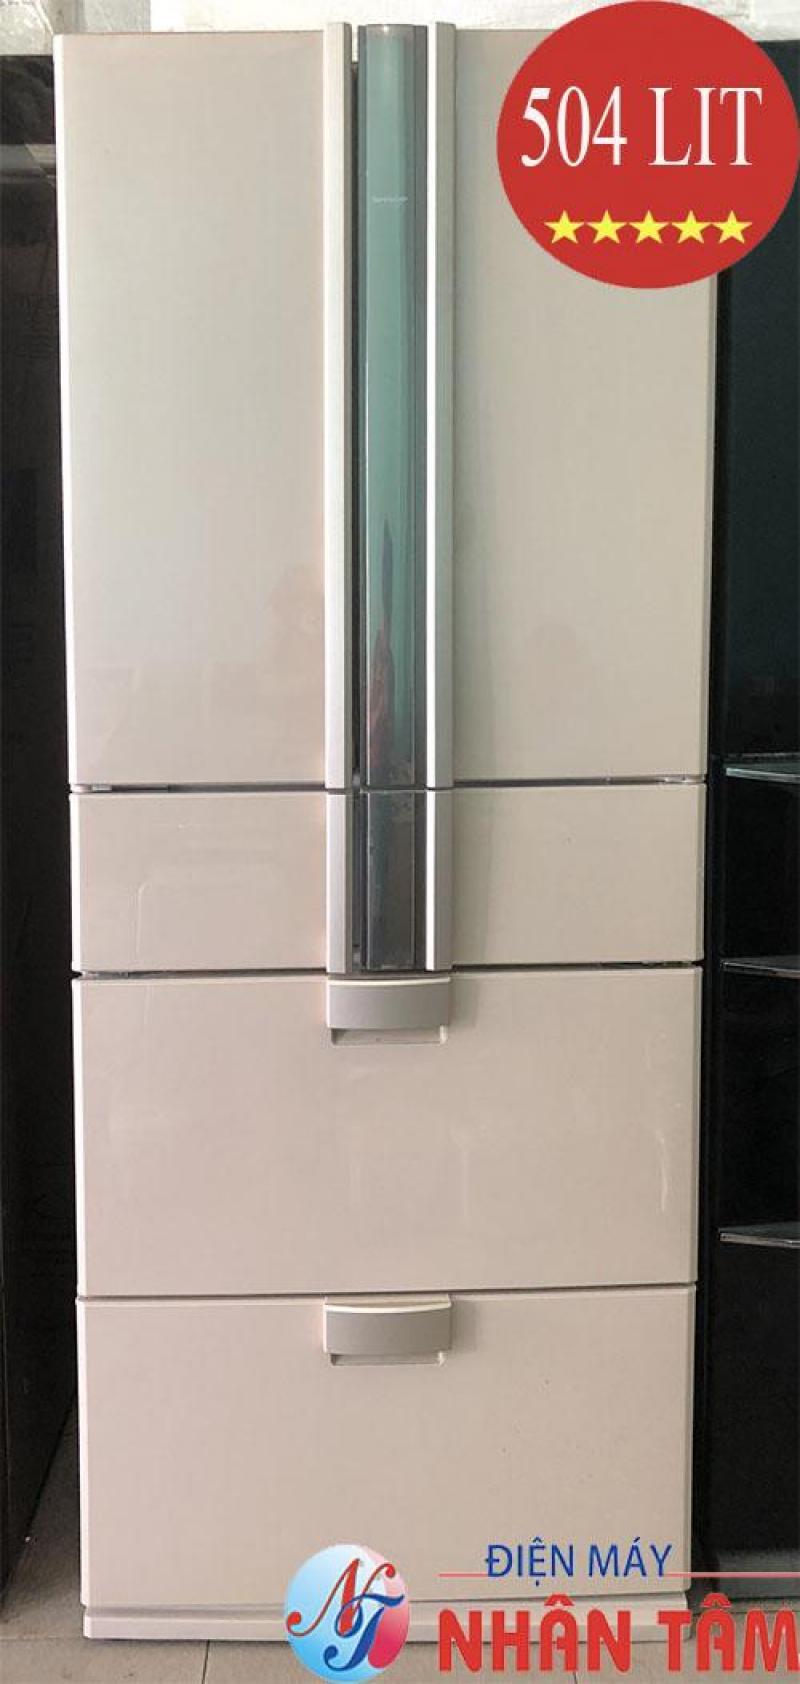 Tủ lạnh nội địa SHARP SJ-F500R 504L 6 cánh